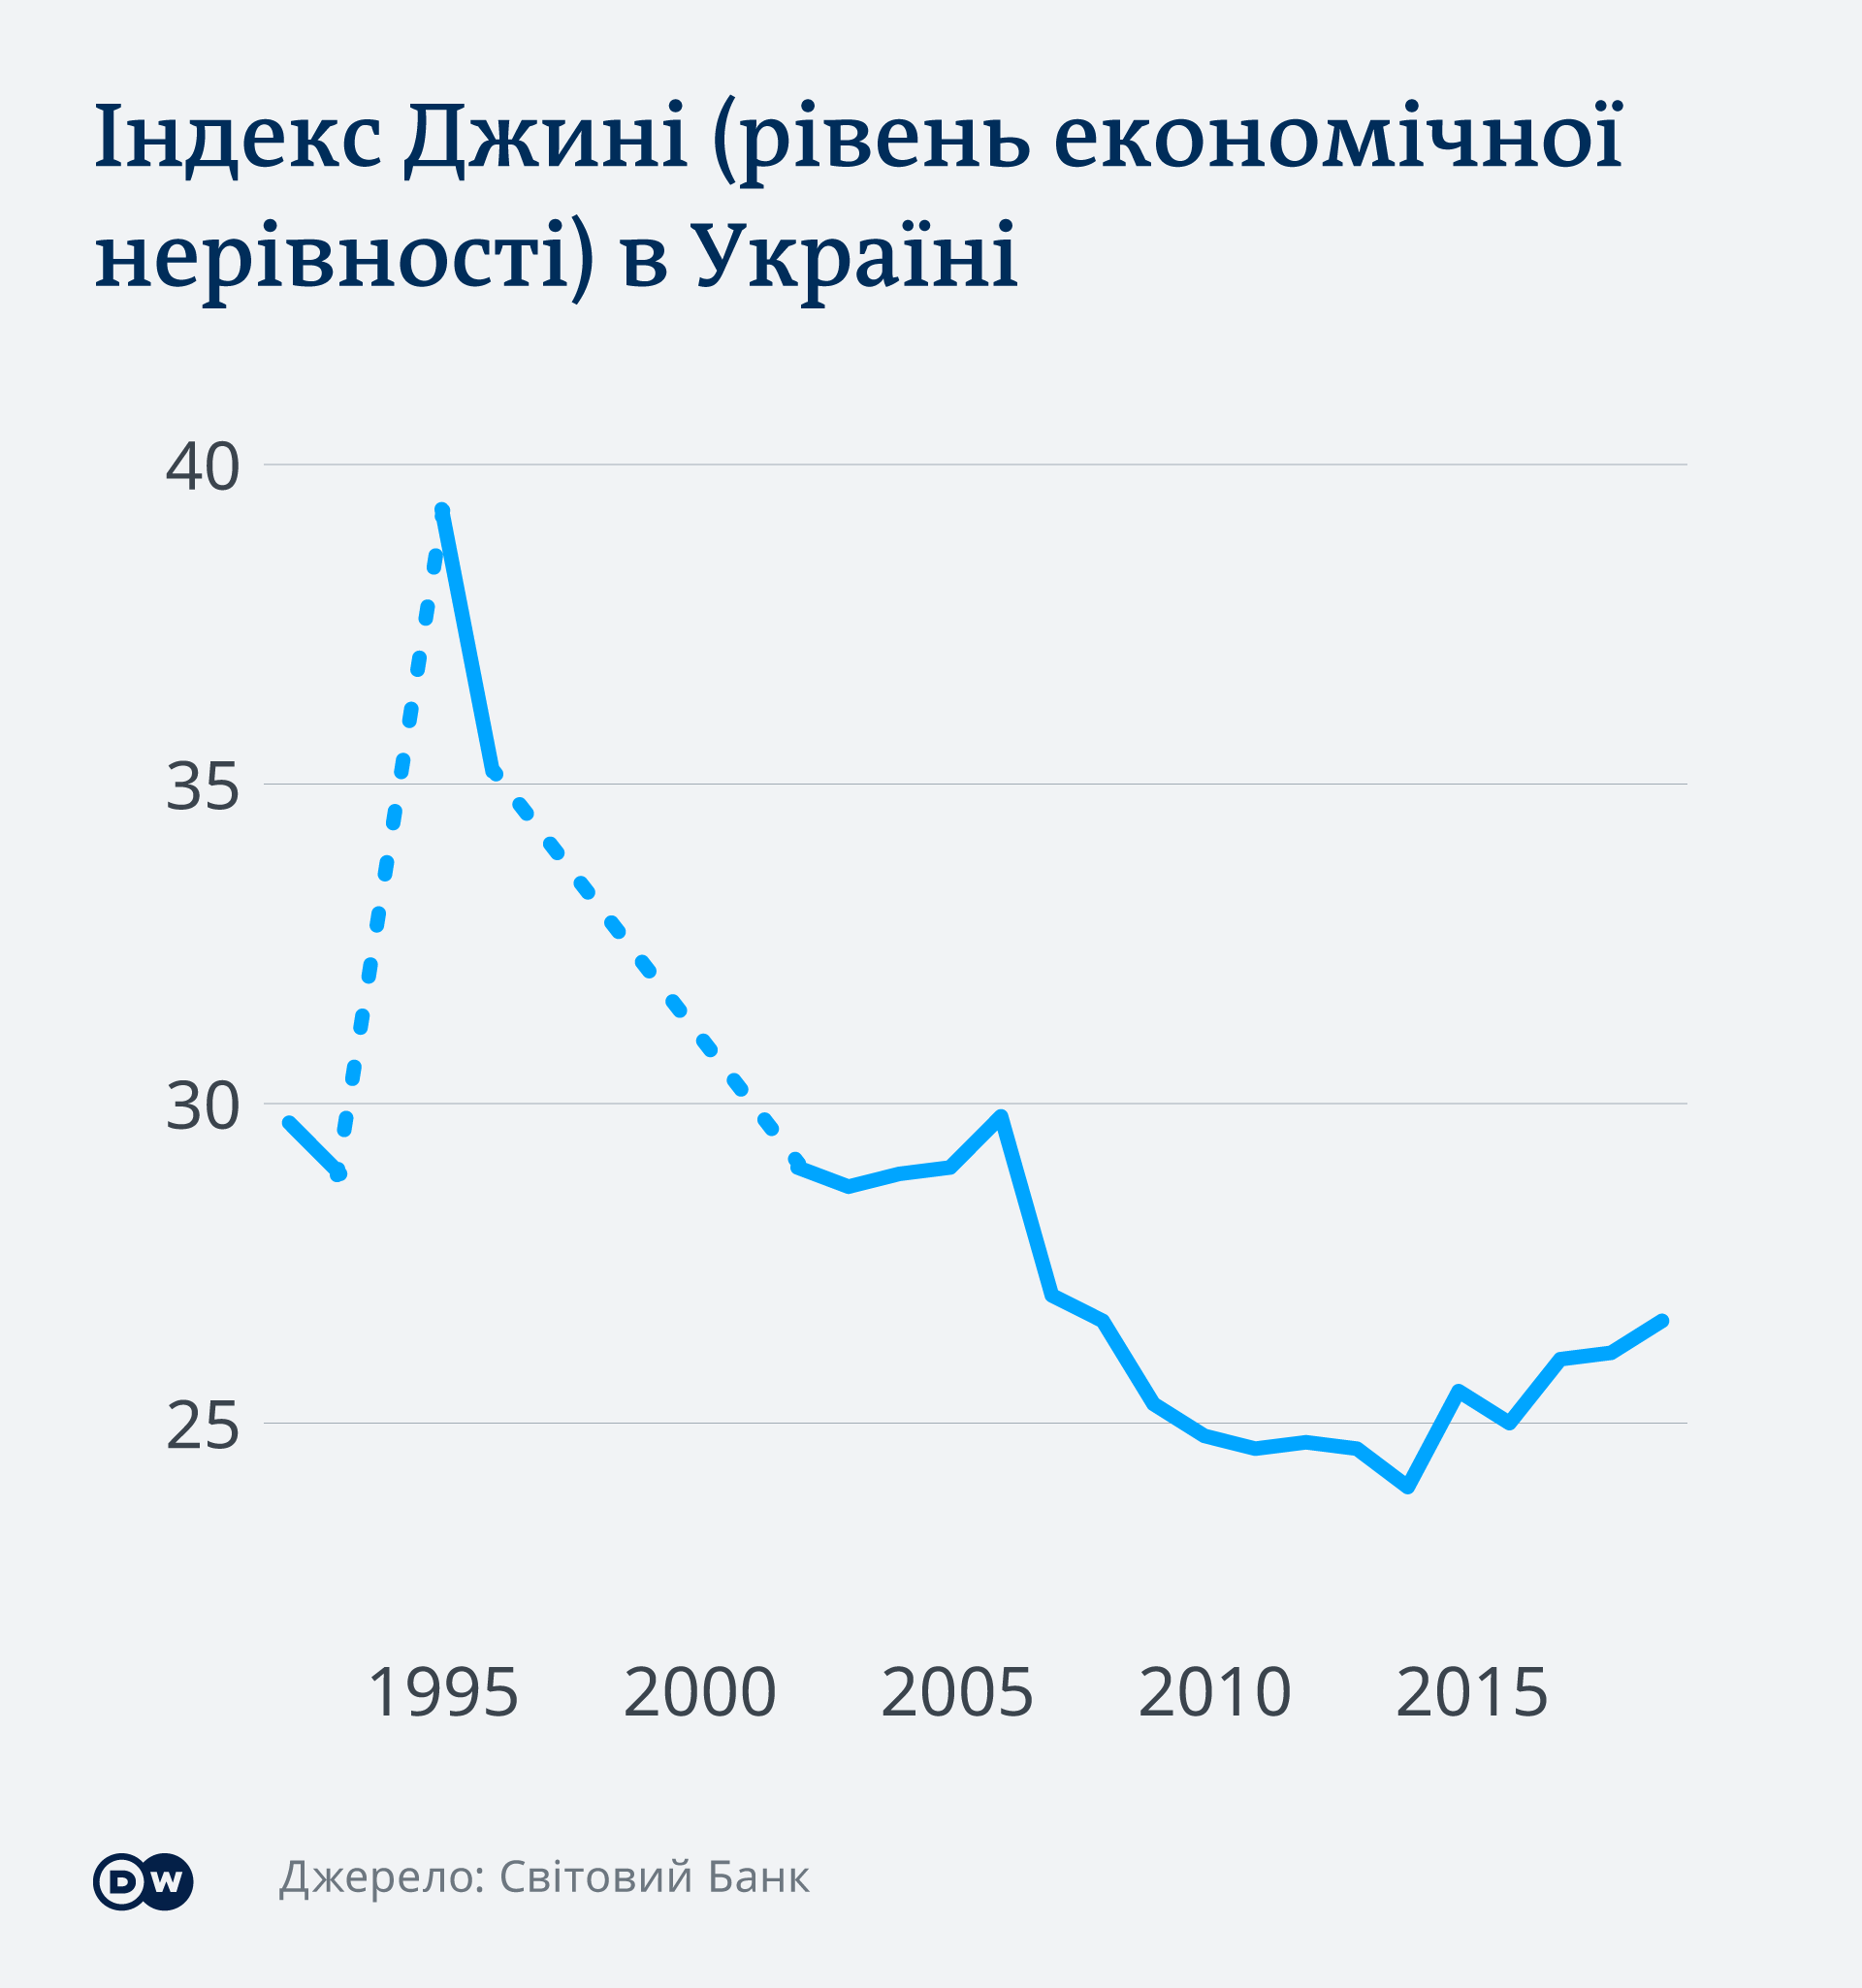 Індекс Джині або індекс соціальної нерівності в Україні